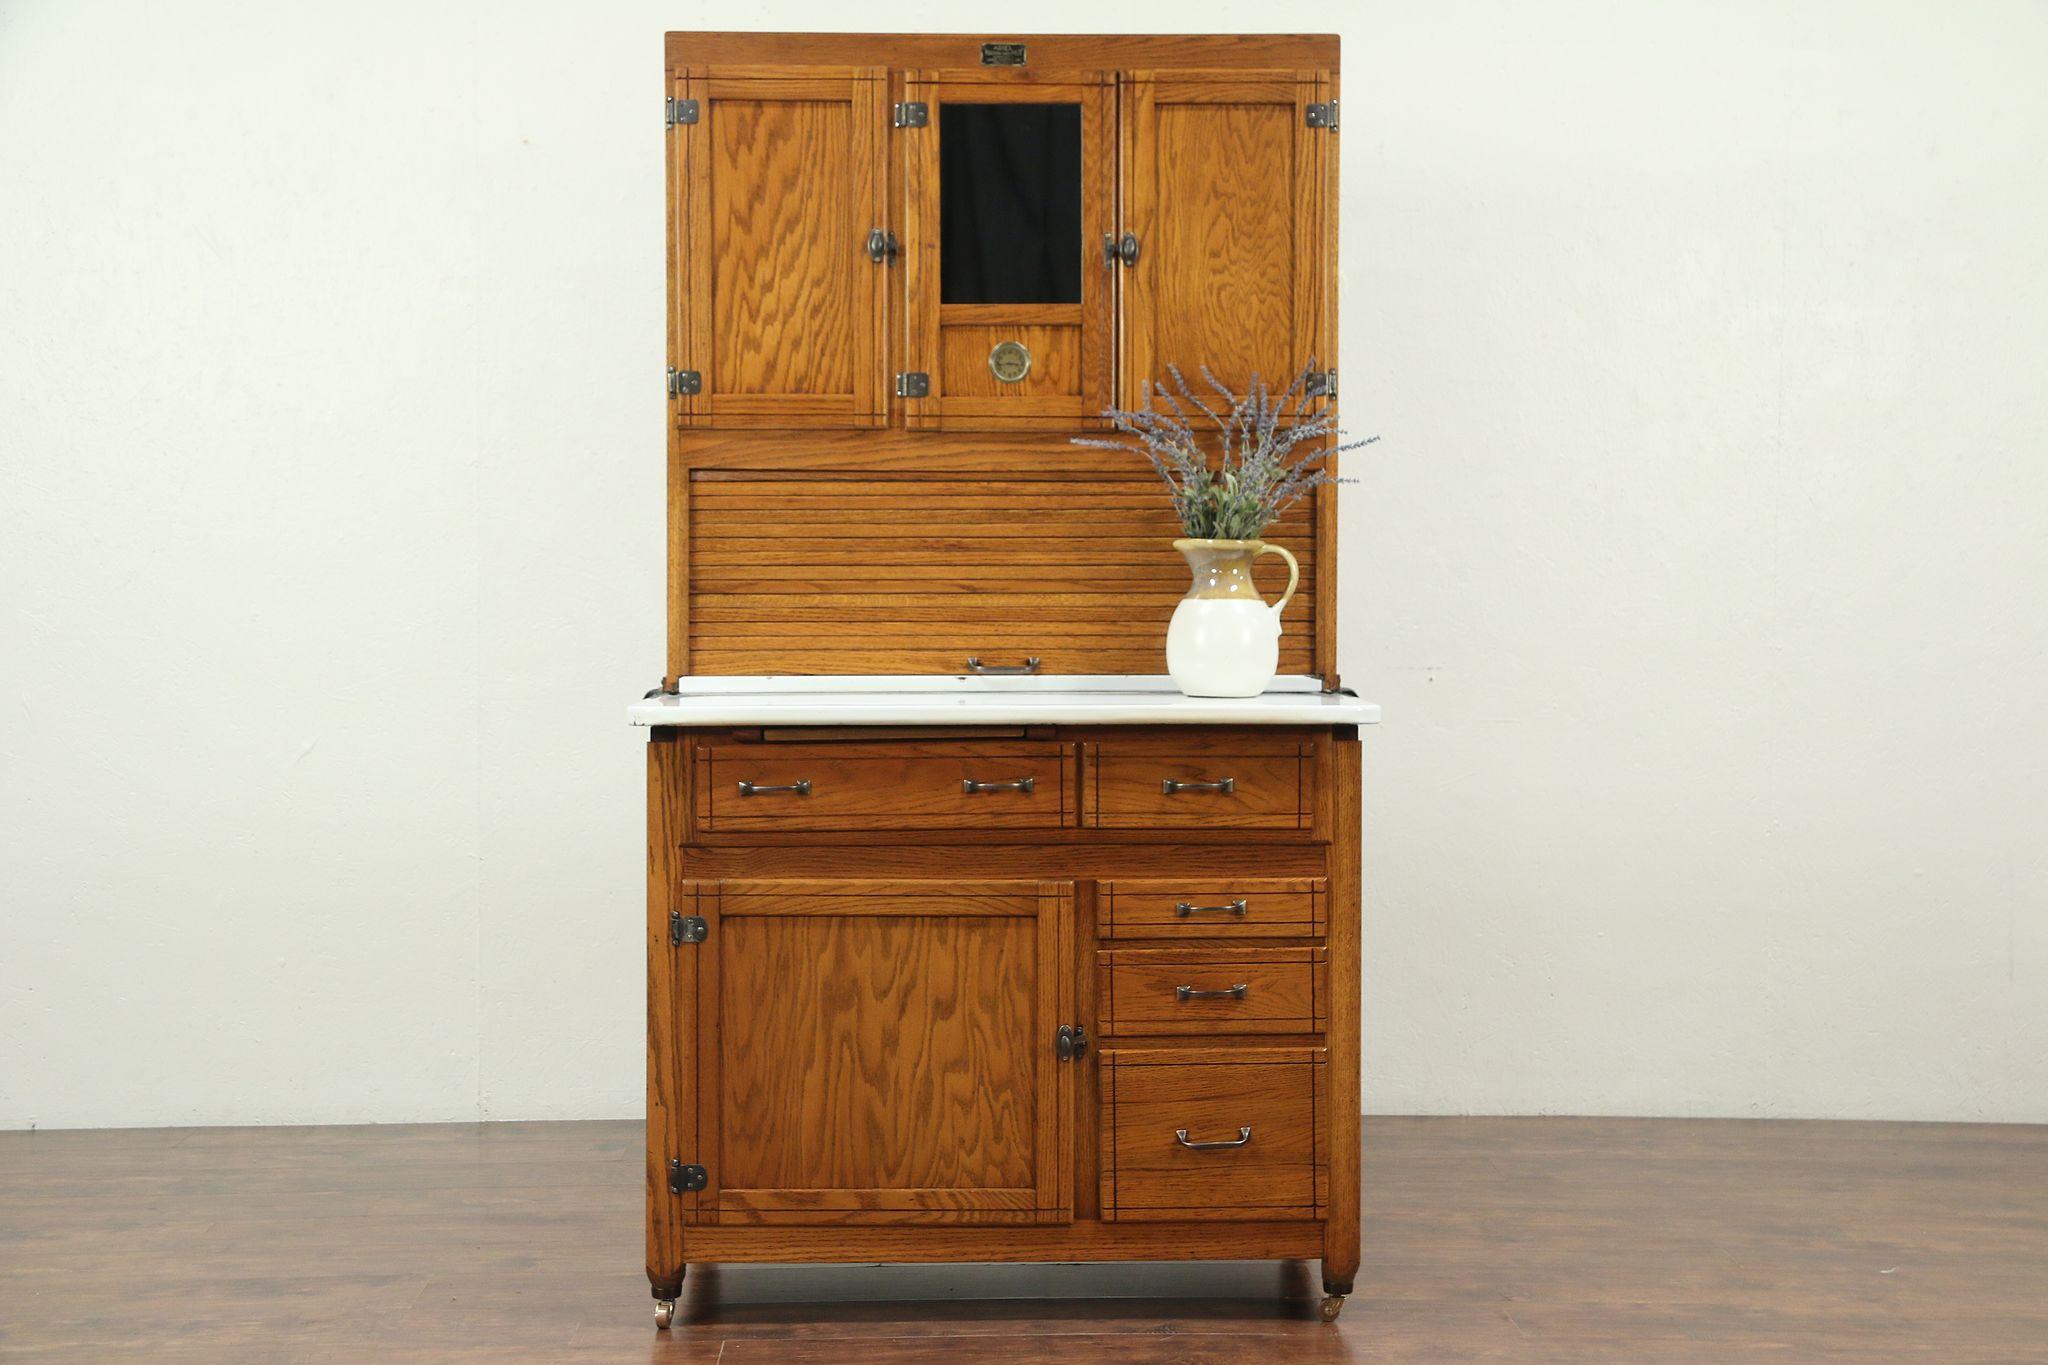 Hoosier Oak Roll Top Antique Kitchen Pantry Cupboard, Signed Ariel of IN  #29184